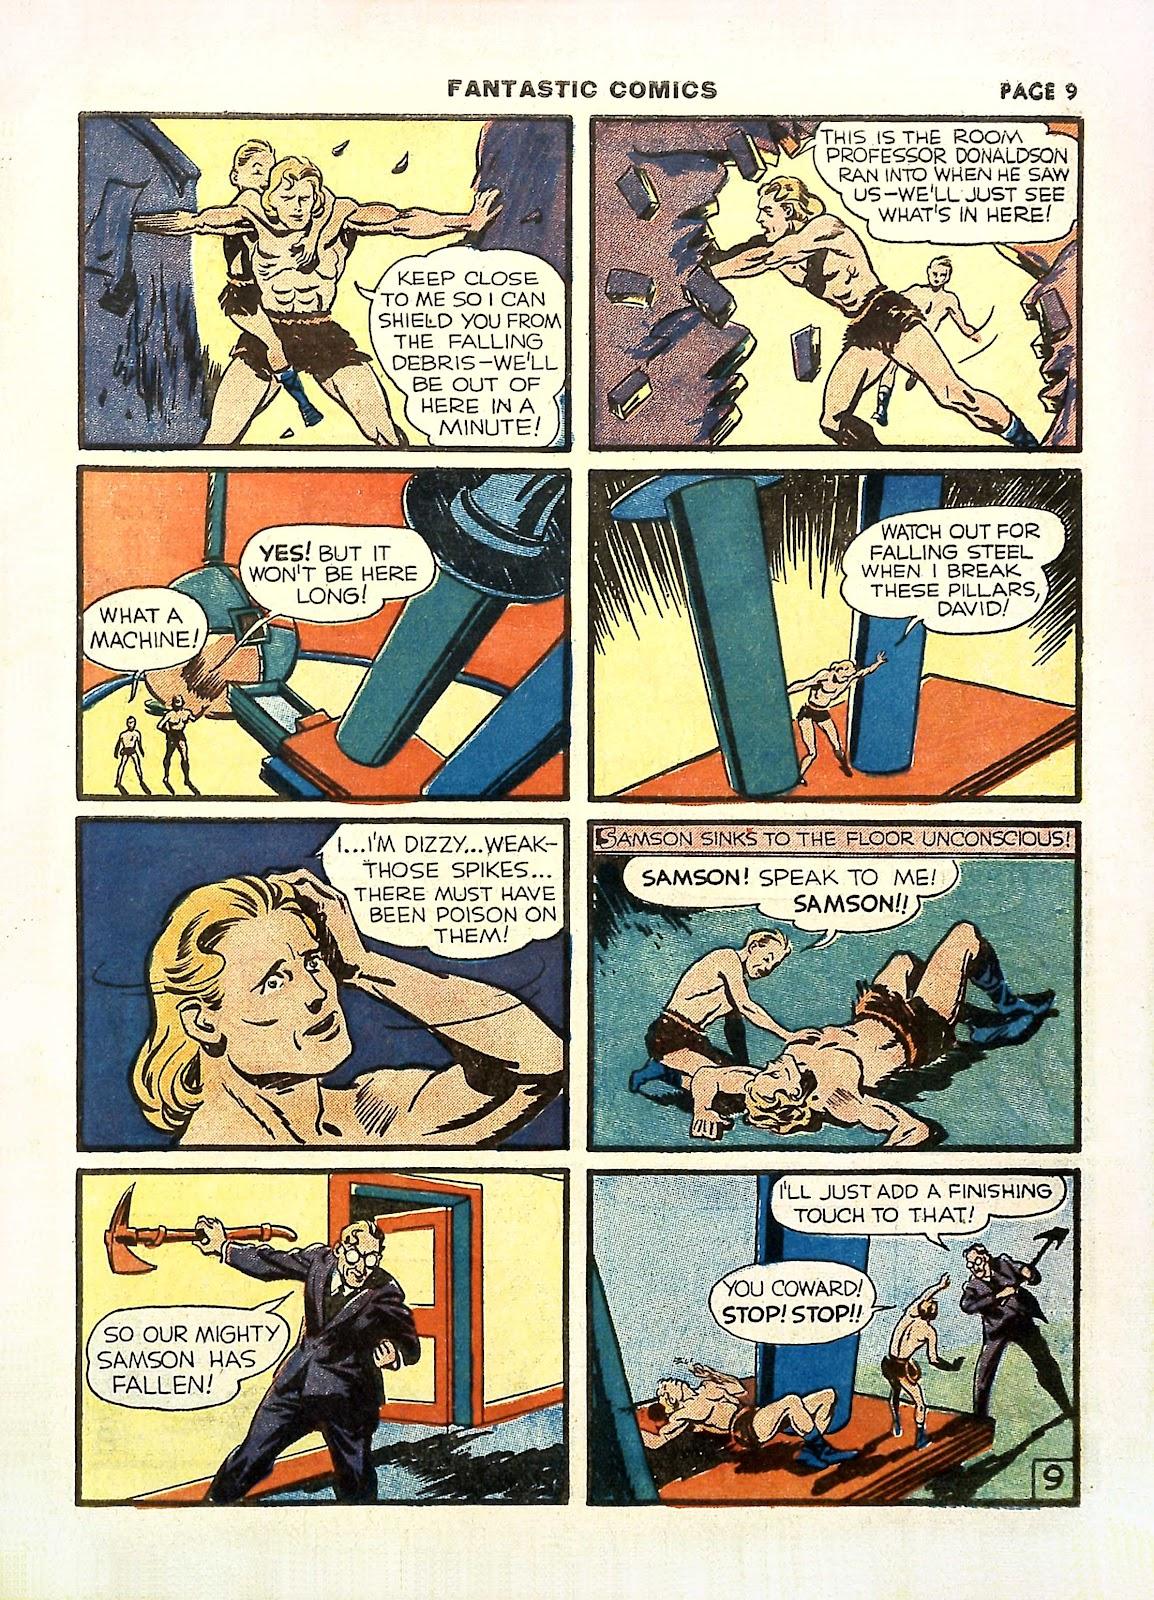 Read online Fantastic Comics comic -  Issue #11 - 12